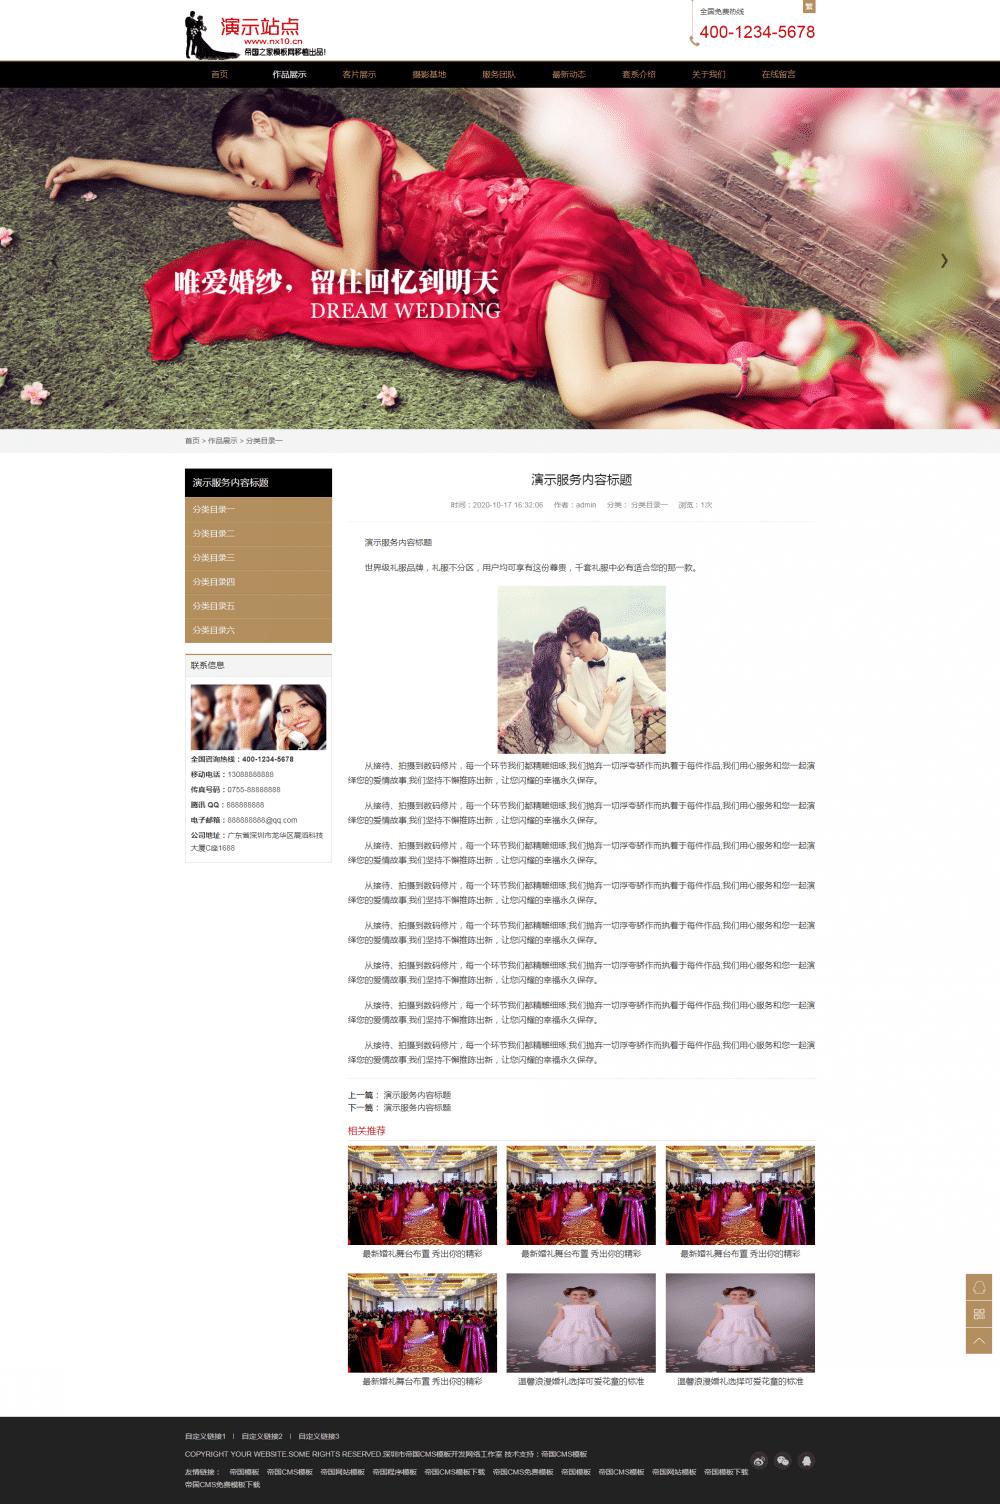 10作品详情页.png [DG-0163]帝国cms响应式婚纱摄影工作室模板 自适应婚纱摄影拍照模板 企业模板 第10张